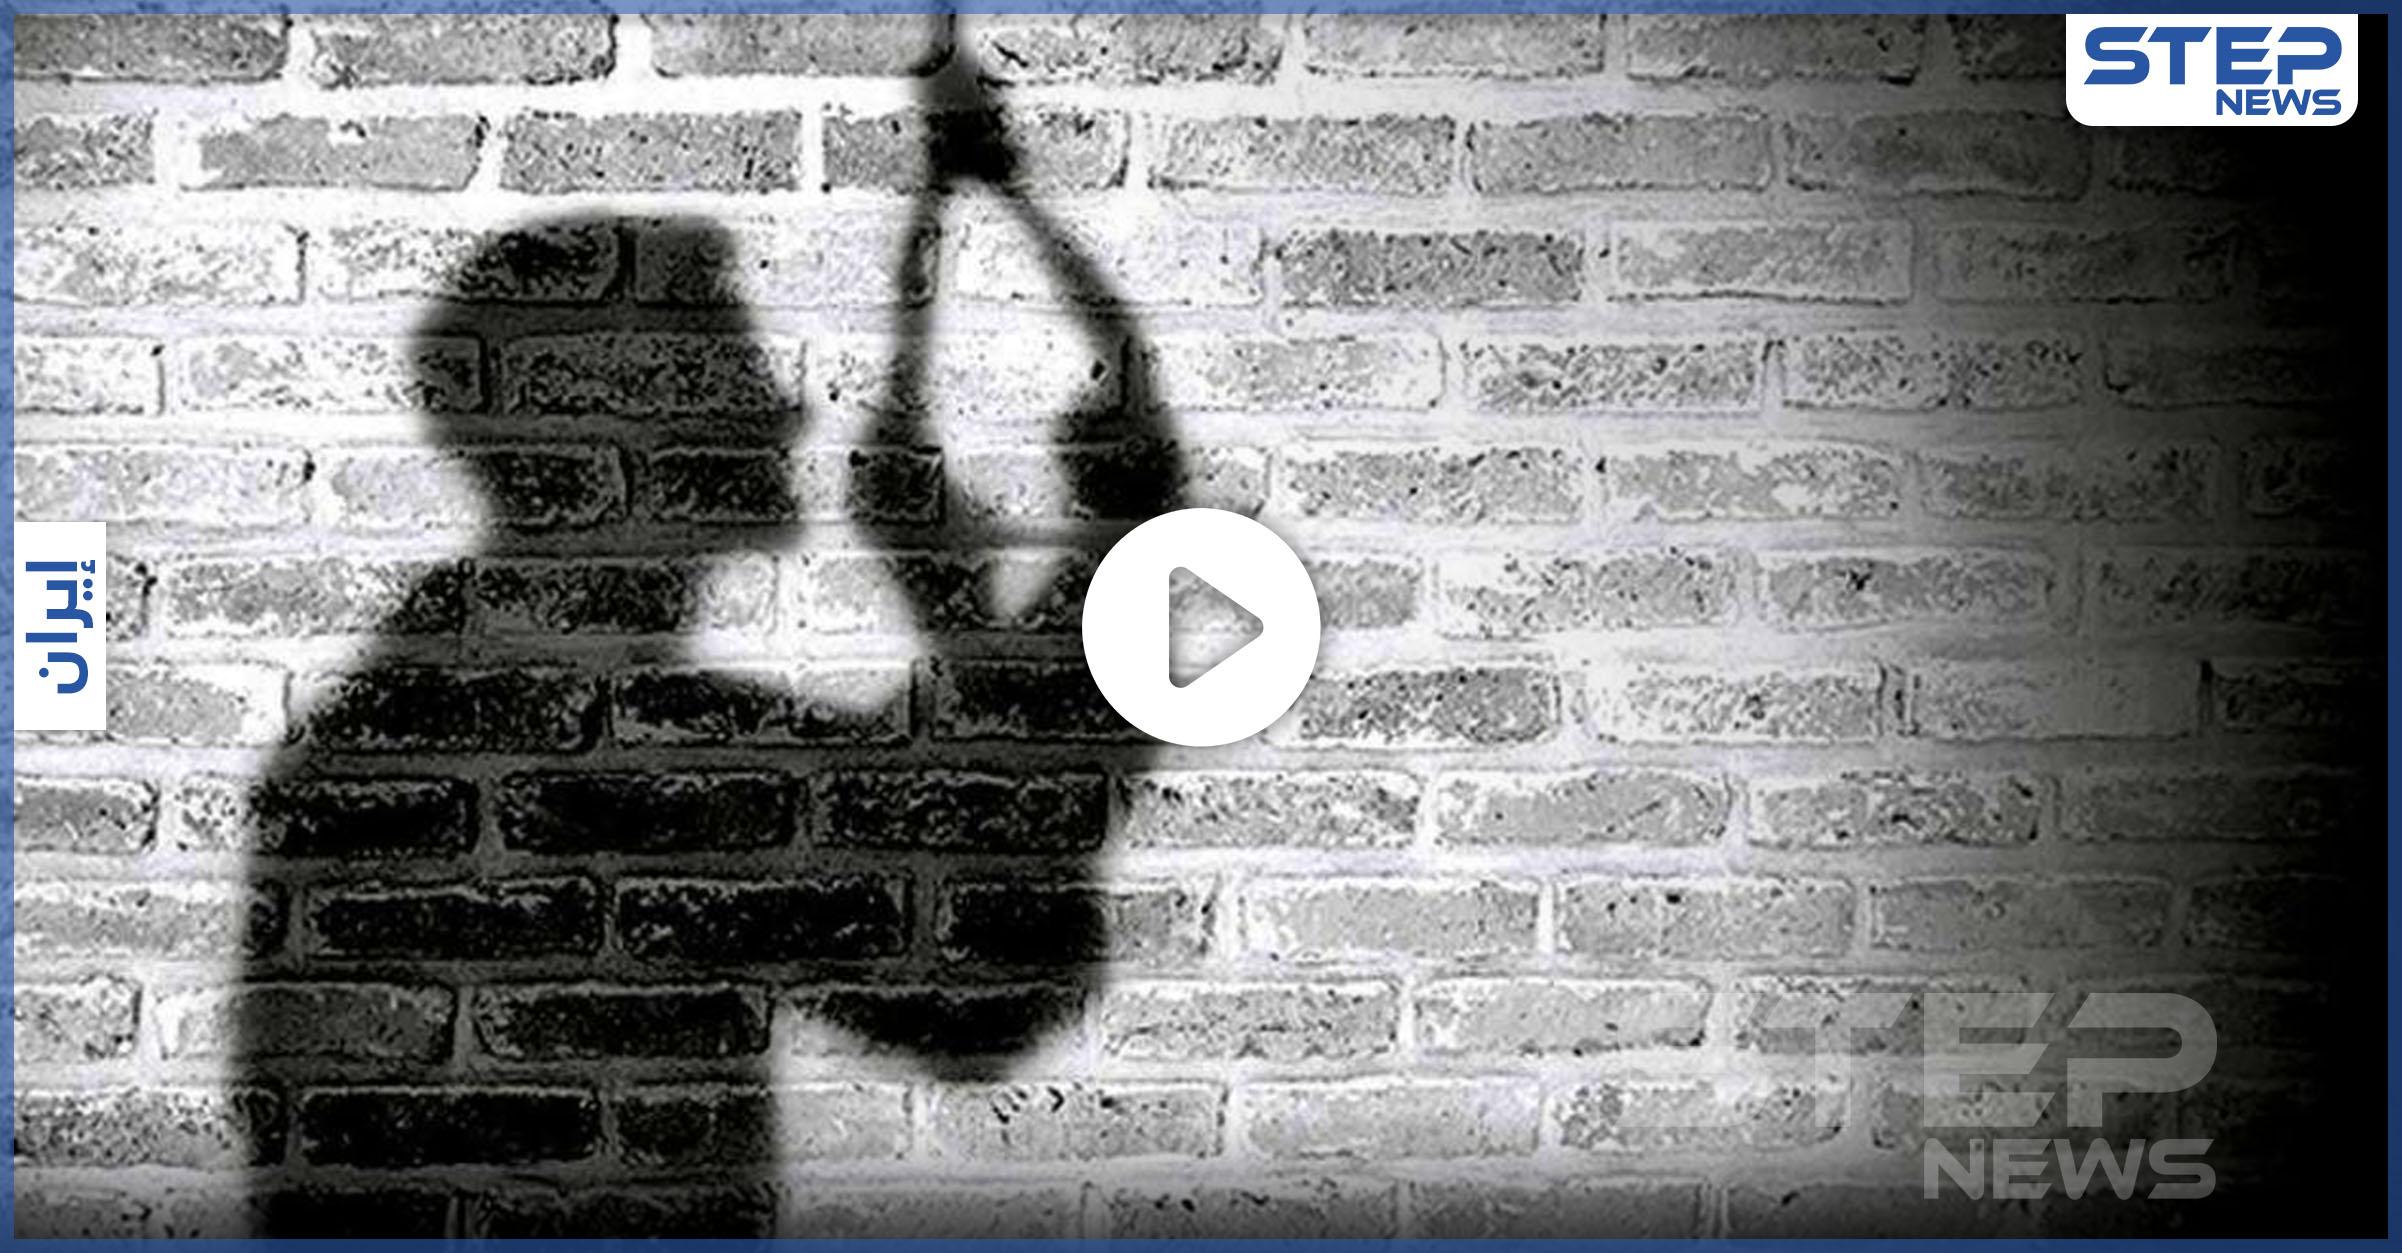 فيديو لإيراني أثناء محاولة انتحاره مخاطباً خامنئي